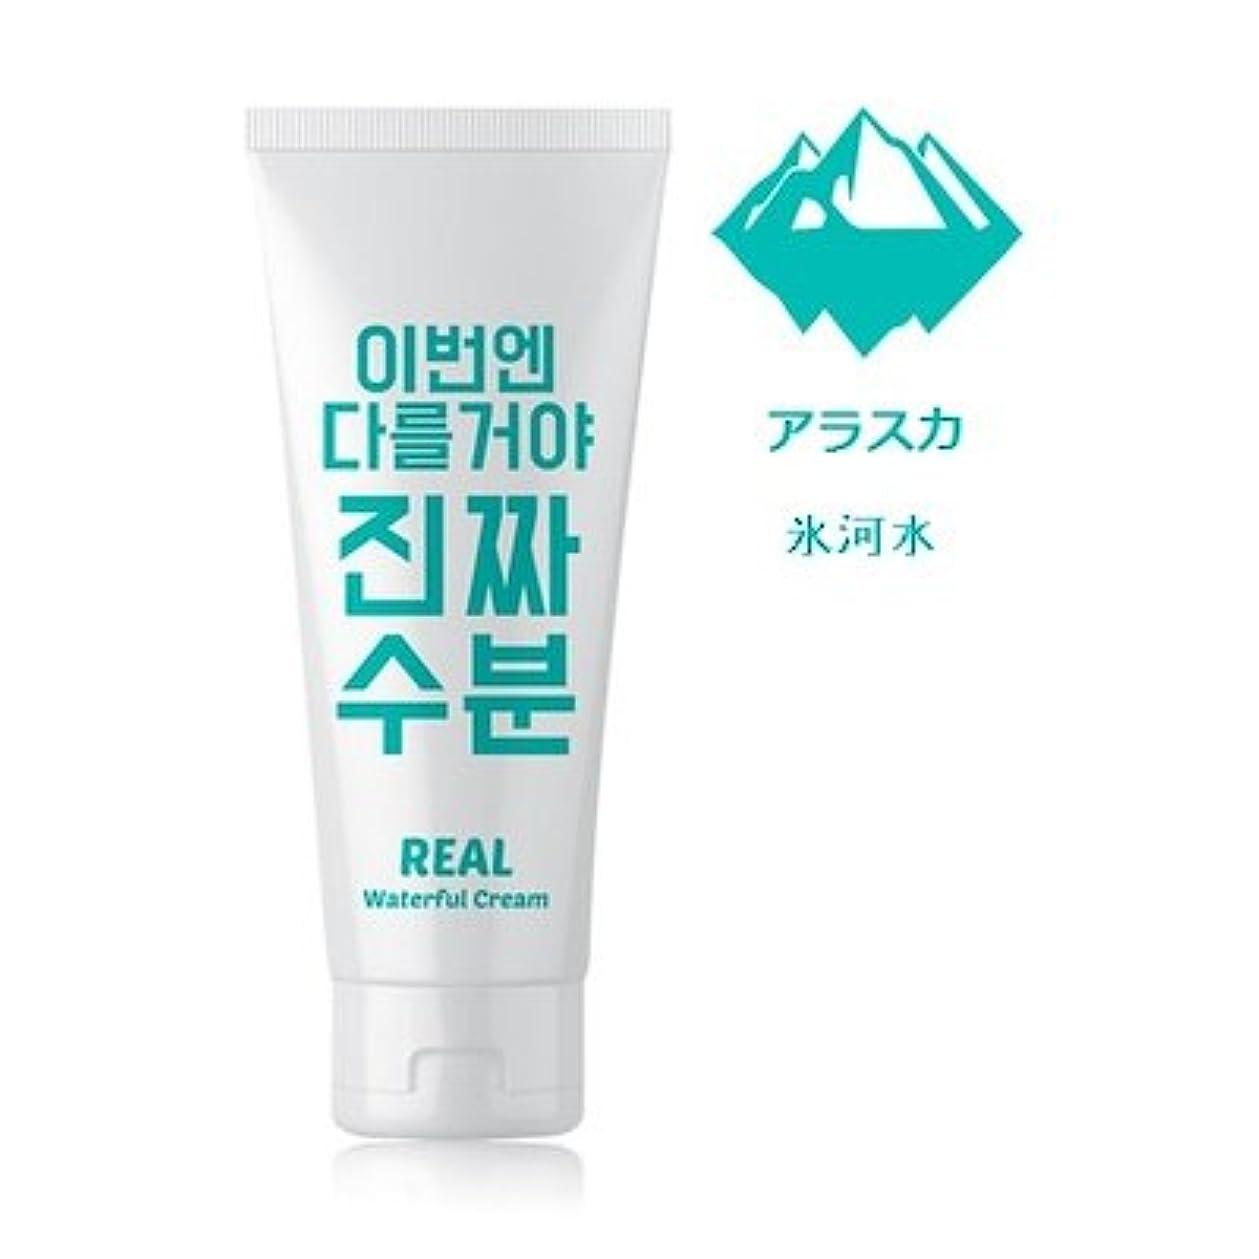 以内にラブ格納Jaminkyung Real Waterful Cream/孜民耕 [ジャミンギョン] 今度は違うぞ本当の水分クリーム 200ml [並行輸入品]